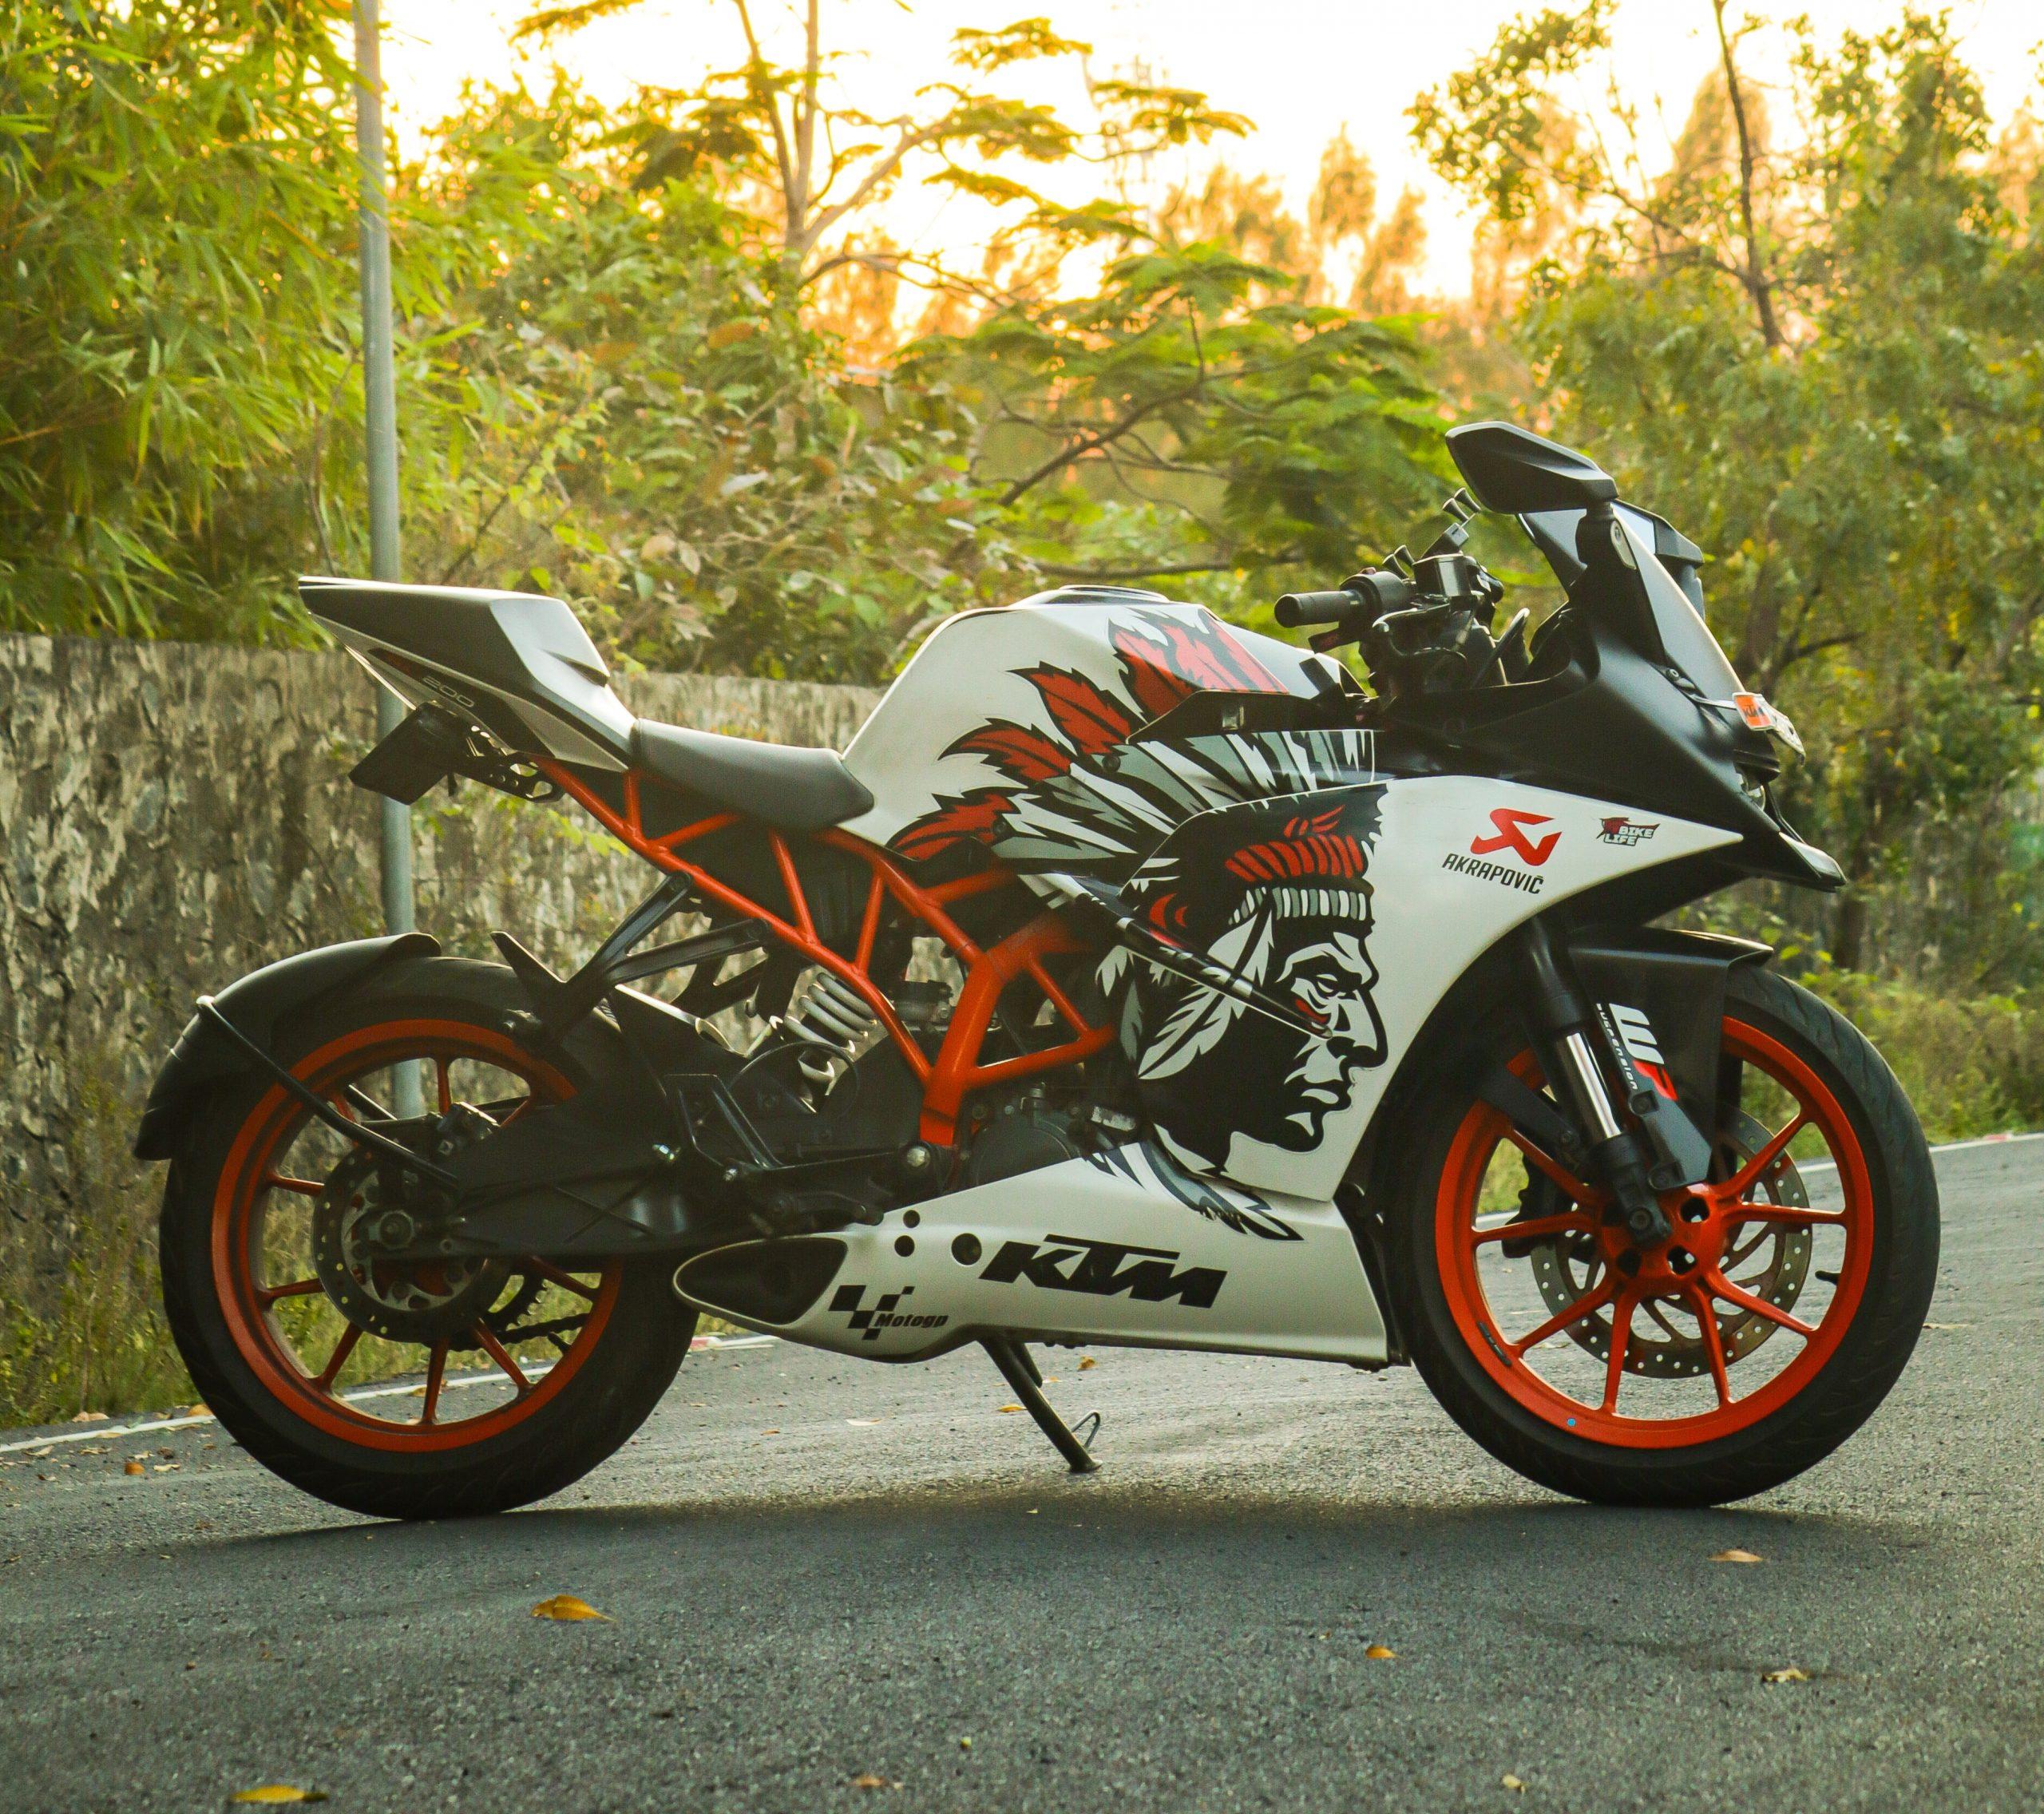 A sports bike